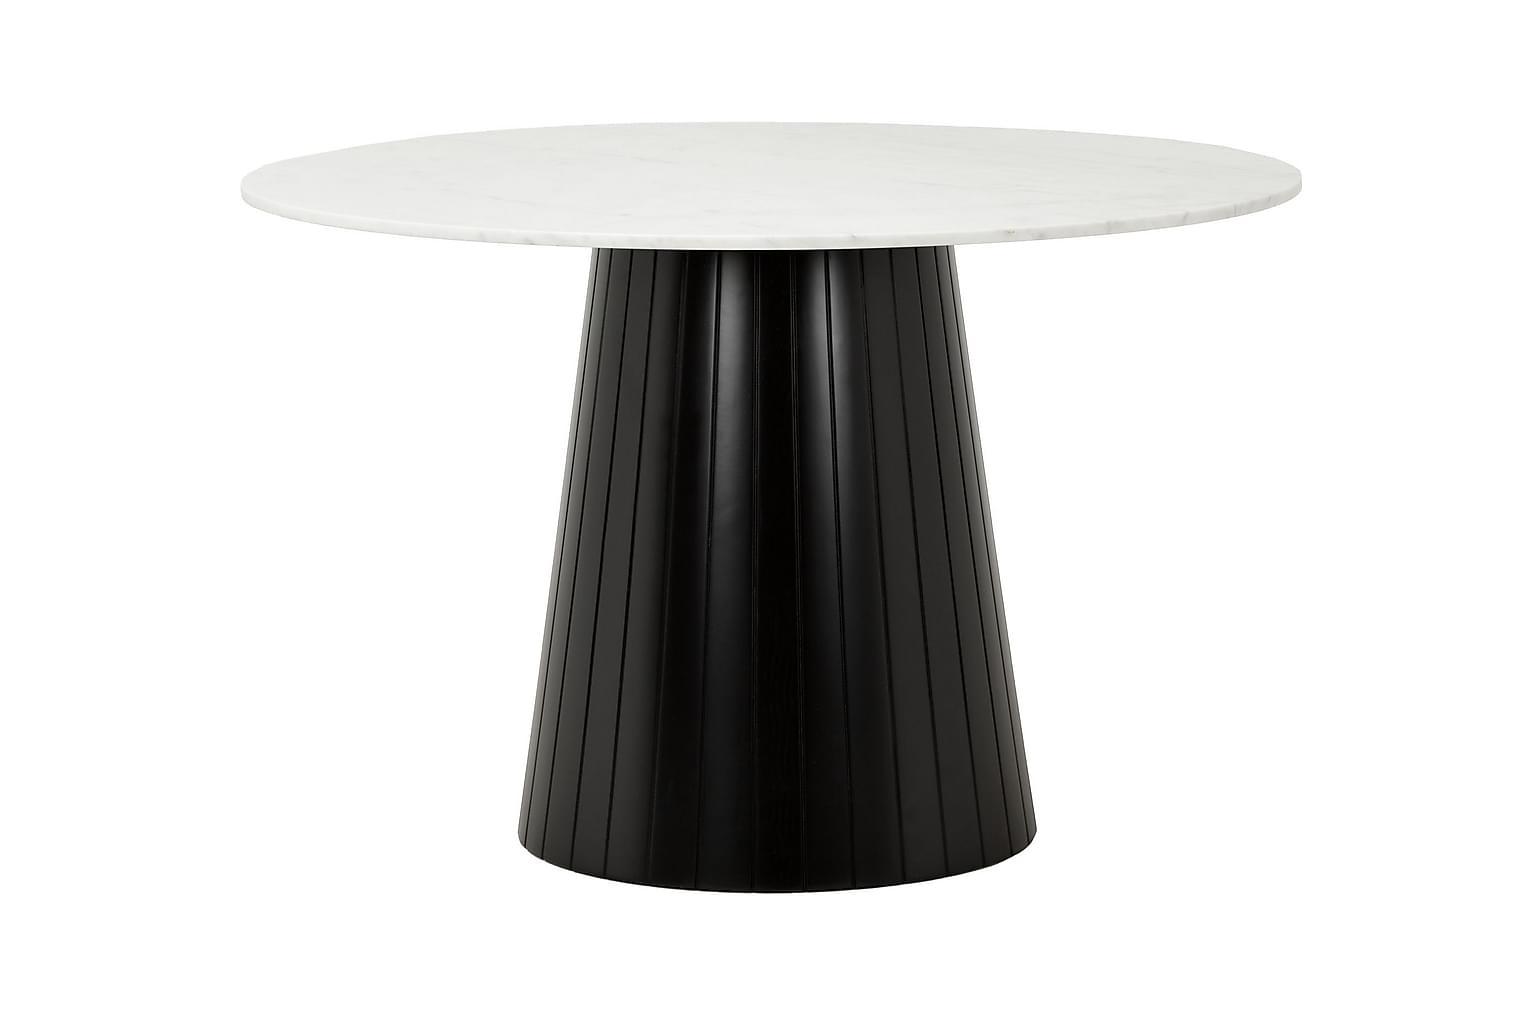 AVIO Pöytä 120 Valkoinen/Musta